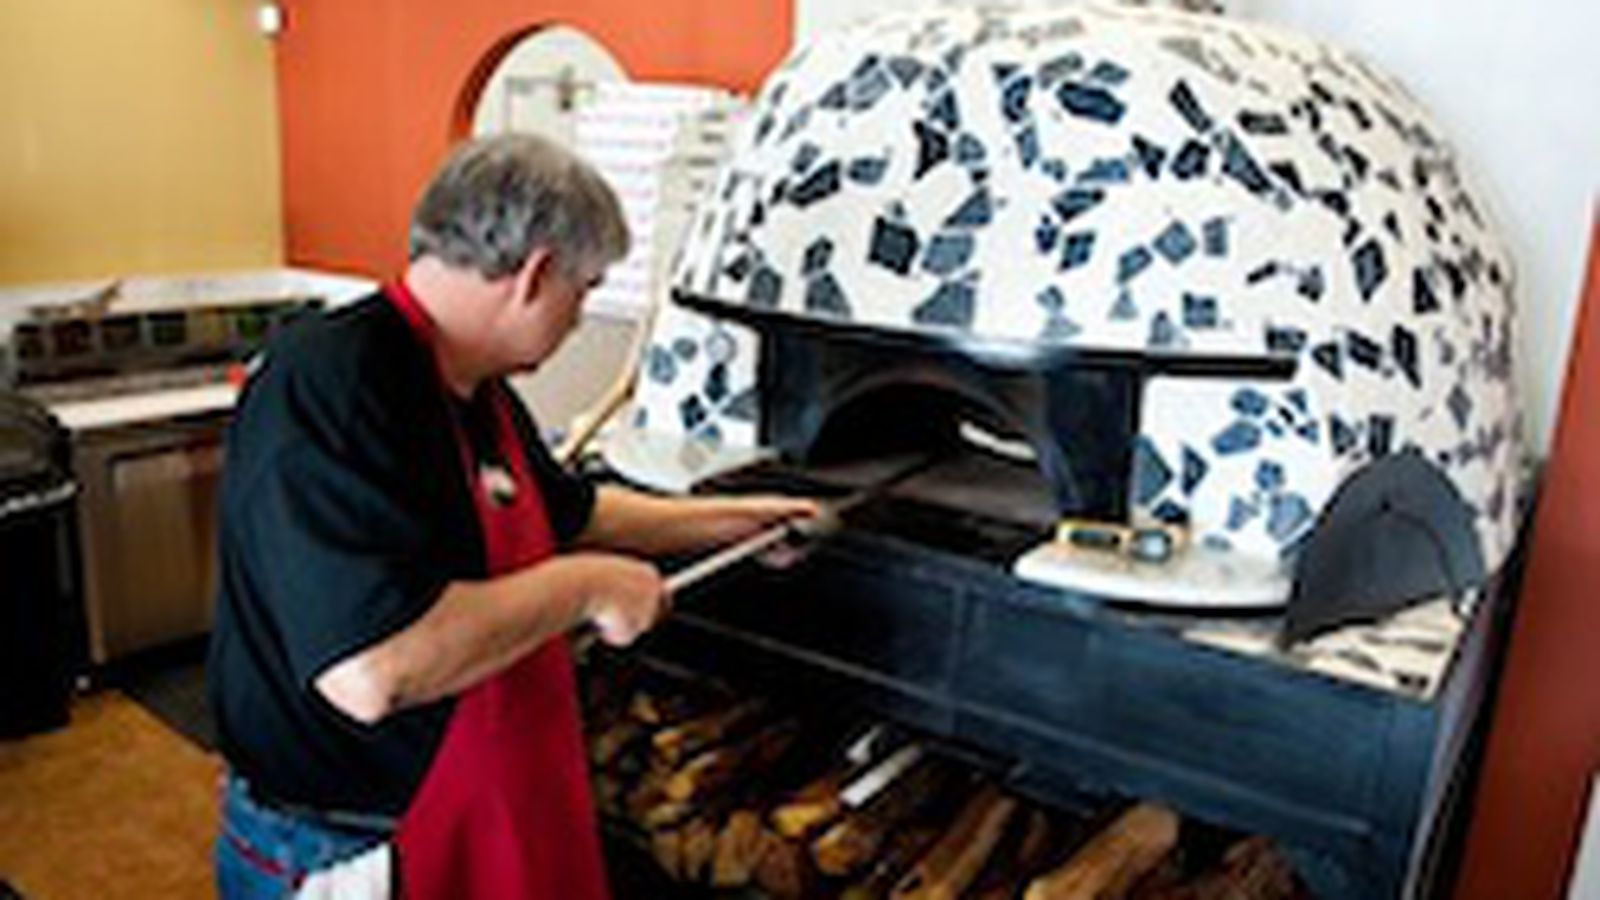 Pizaro 39 s pizza gets more pizza love at arturo boada for Arturo boada cuisine menu